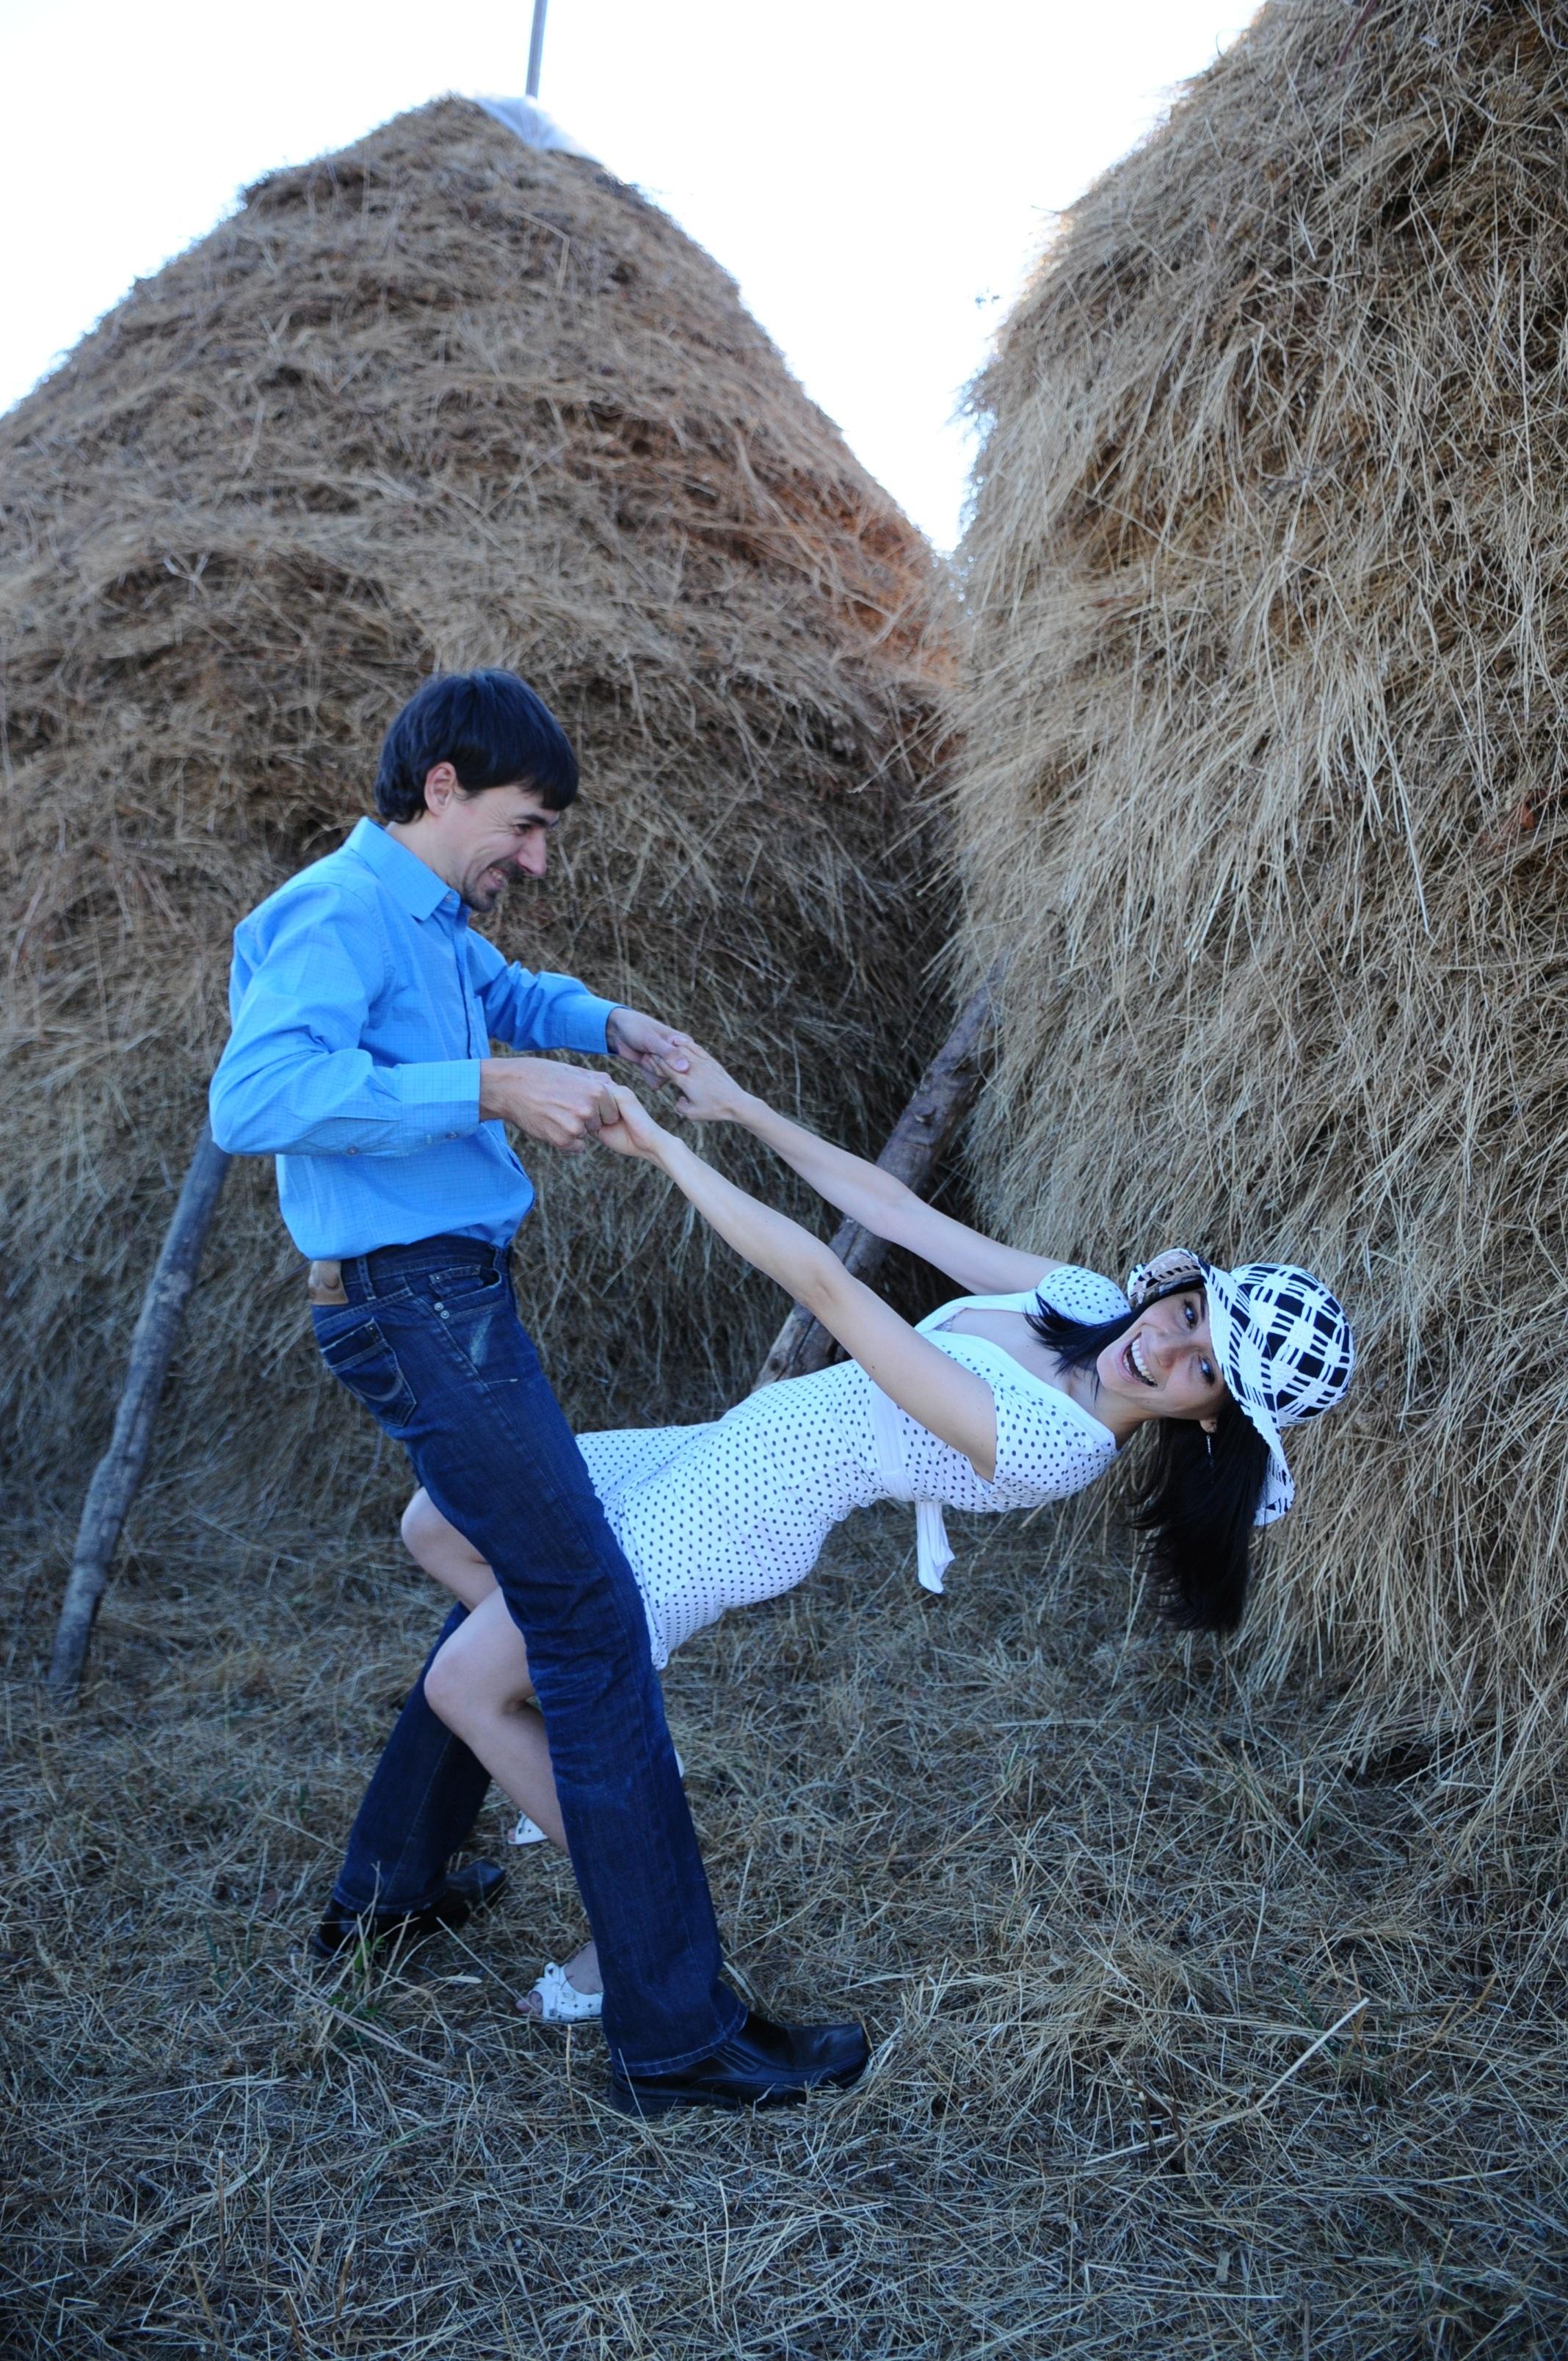 hombre rock niña mujer aventuras masculino hembra sombrero escalada de roca  almiar vestido blanco risa divertido dc3128dcc62